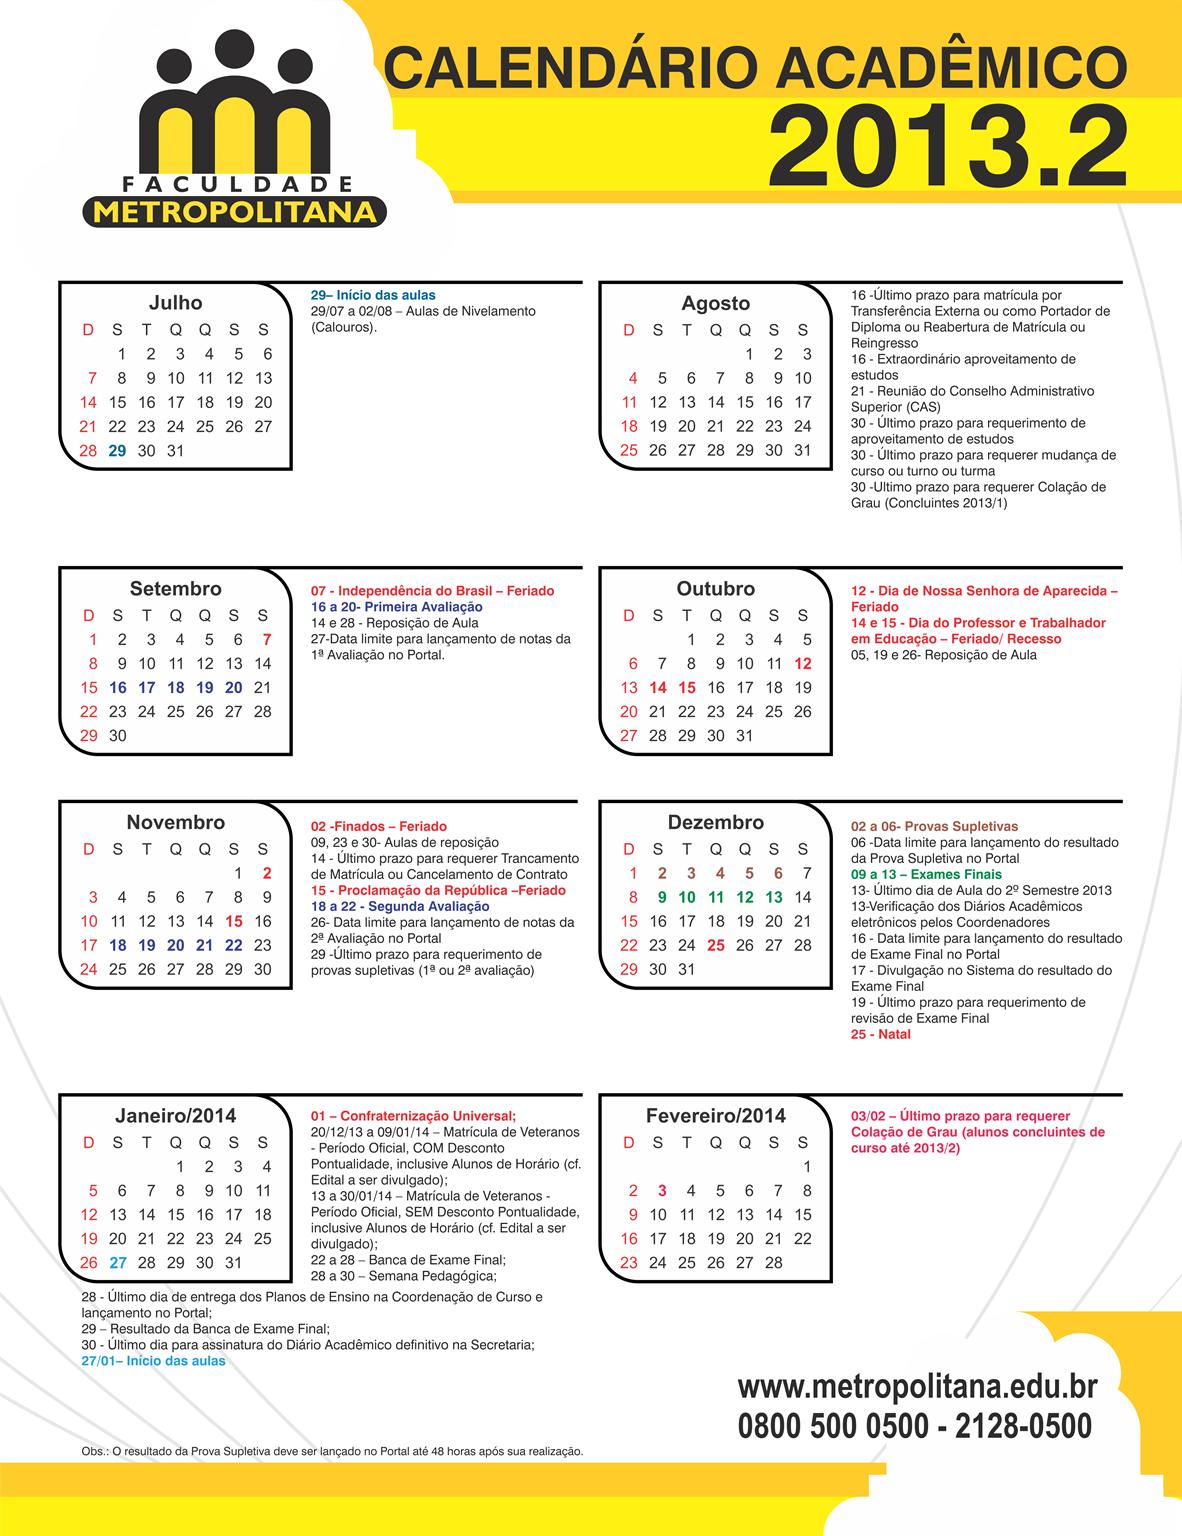 Calendário Acadêmico 2013.2